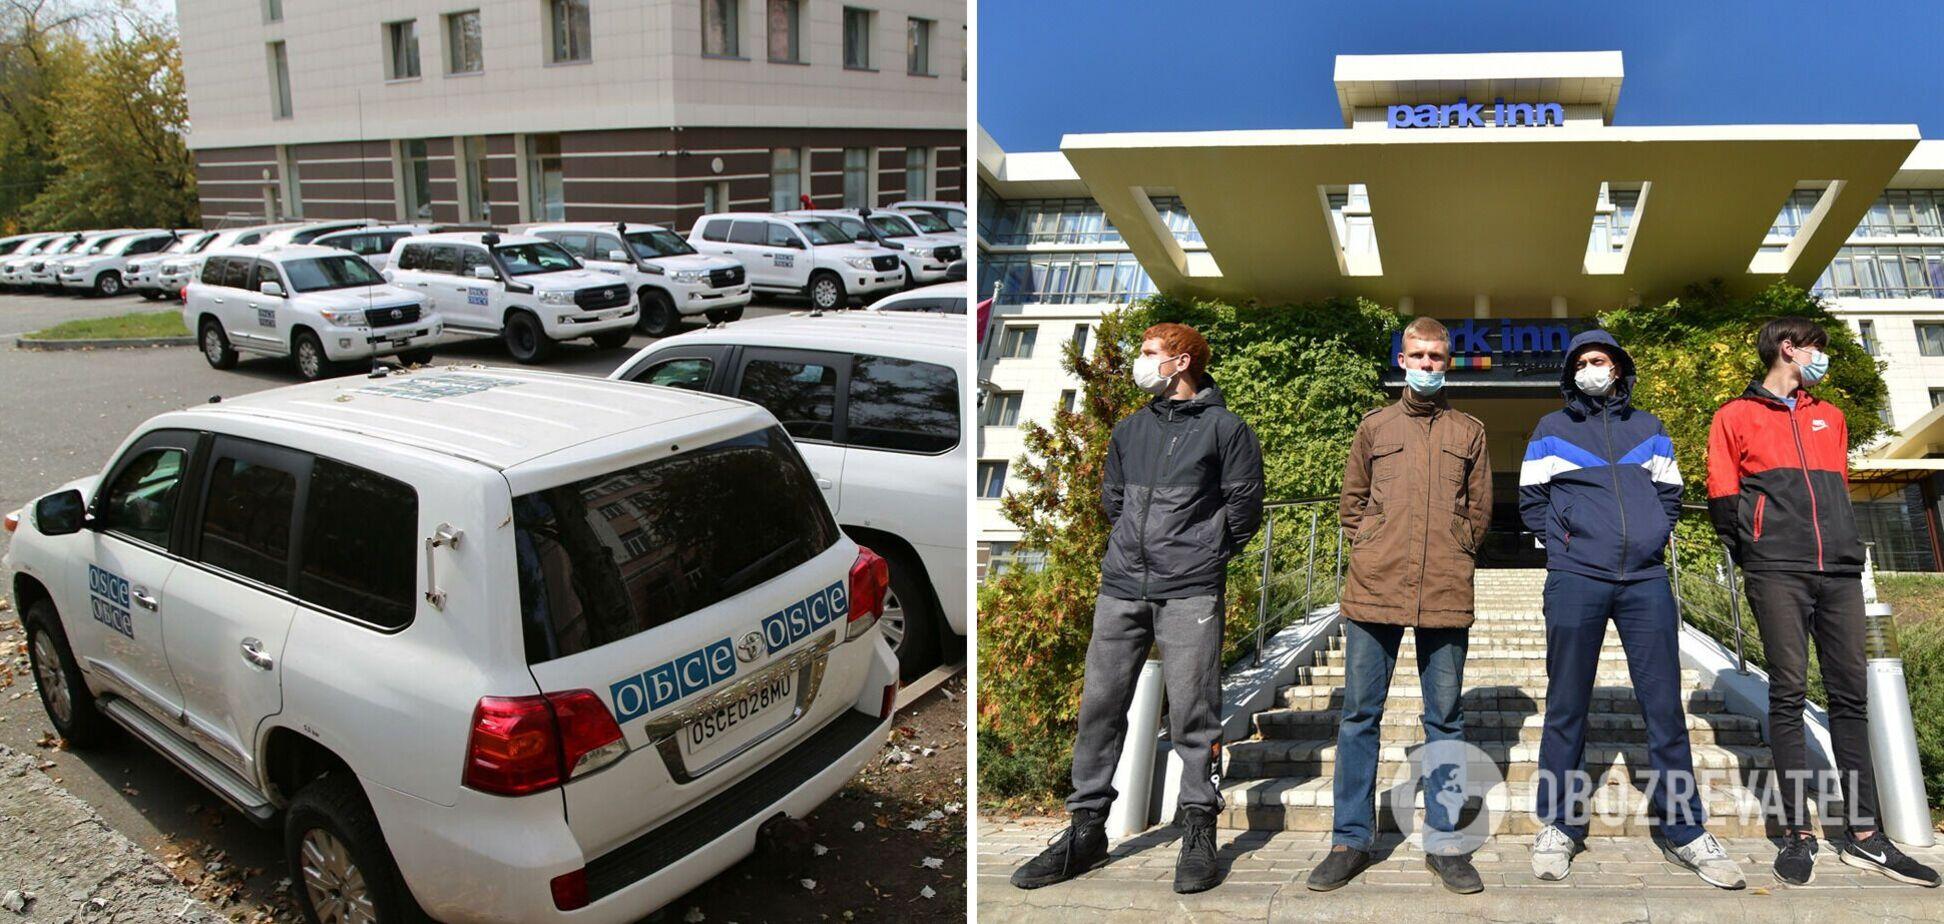 Окупанти, які блокували місію ОБСЄ в Донецьку, стали розбирати намети: з'явилися подробиці